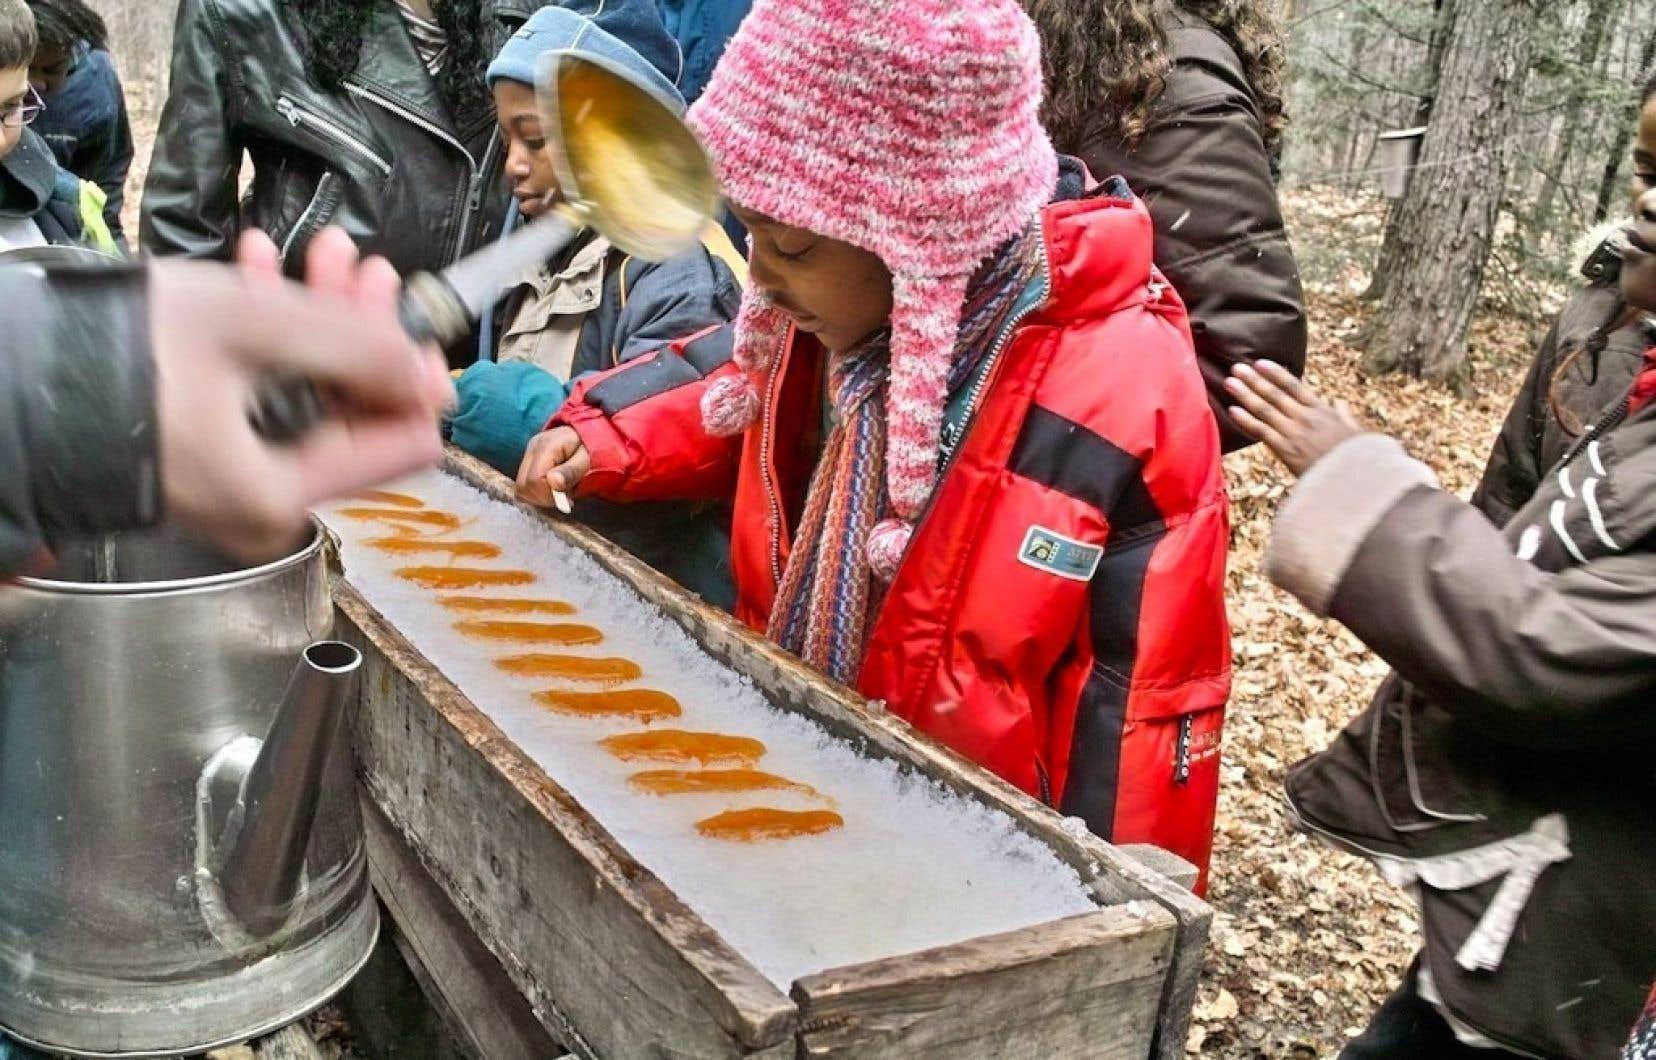 Même si le verglas d'avant Noël a fait craindre le pire aux producteurs, les petits auront quand même l'occasion de se sucrer le bec le printemps prochain dans les érablières du Québec.